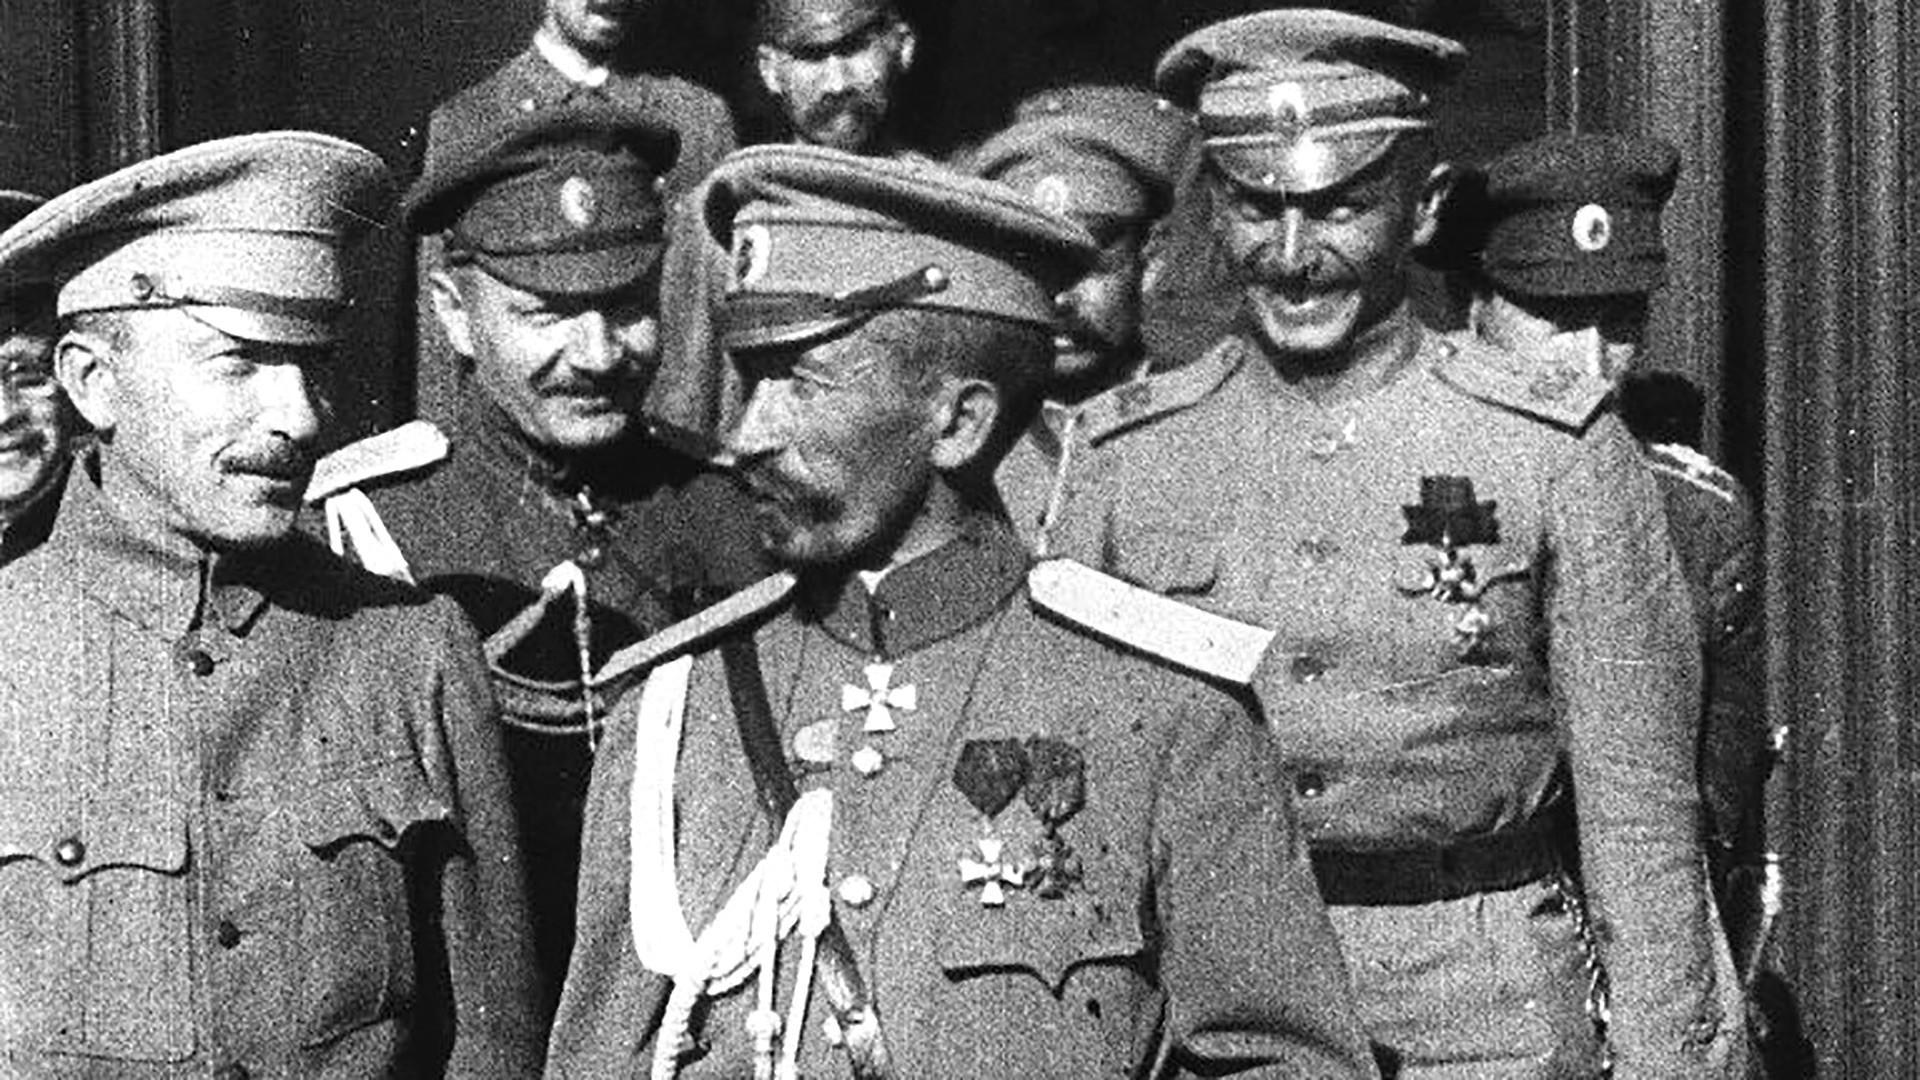 Comandante-chefe Kornilov (centro) enviou tropas a Petrogrado para desafiar Governo Provisório